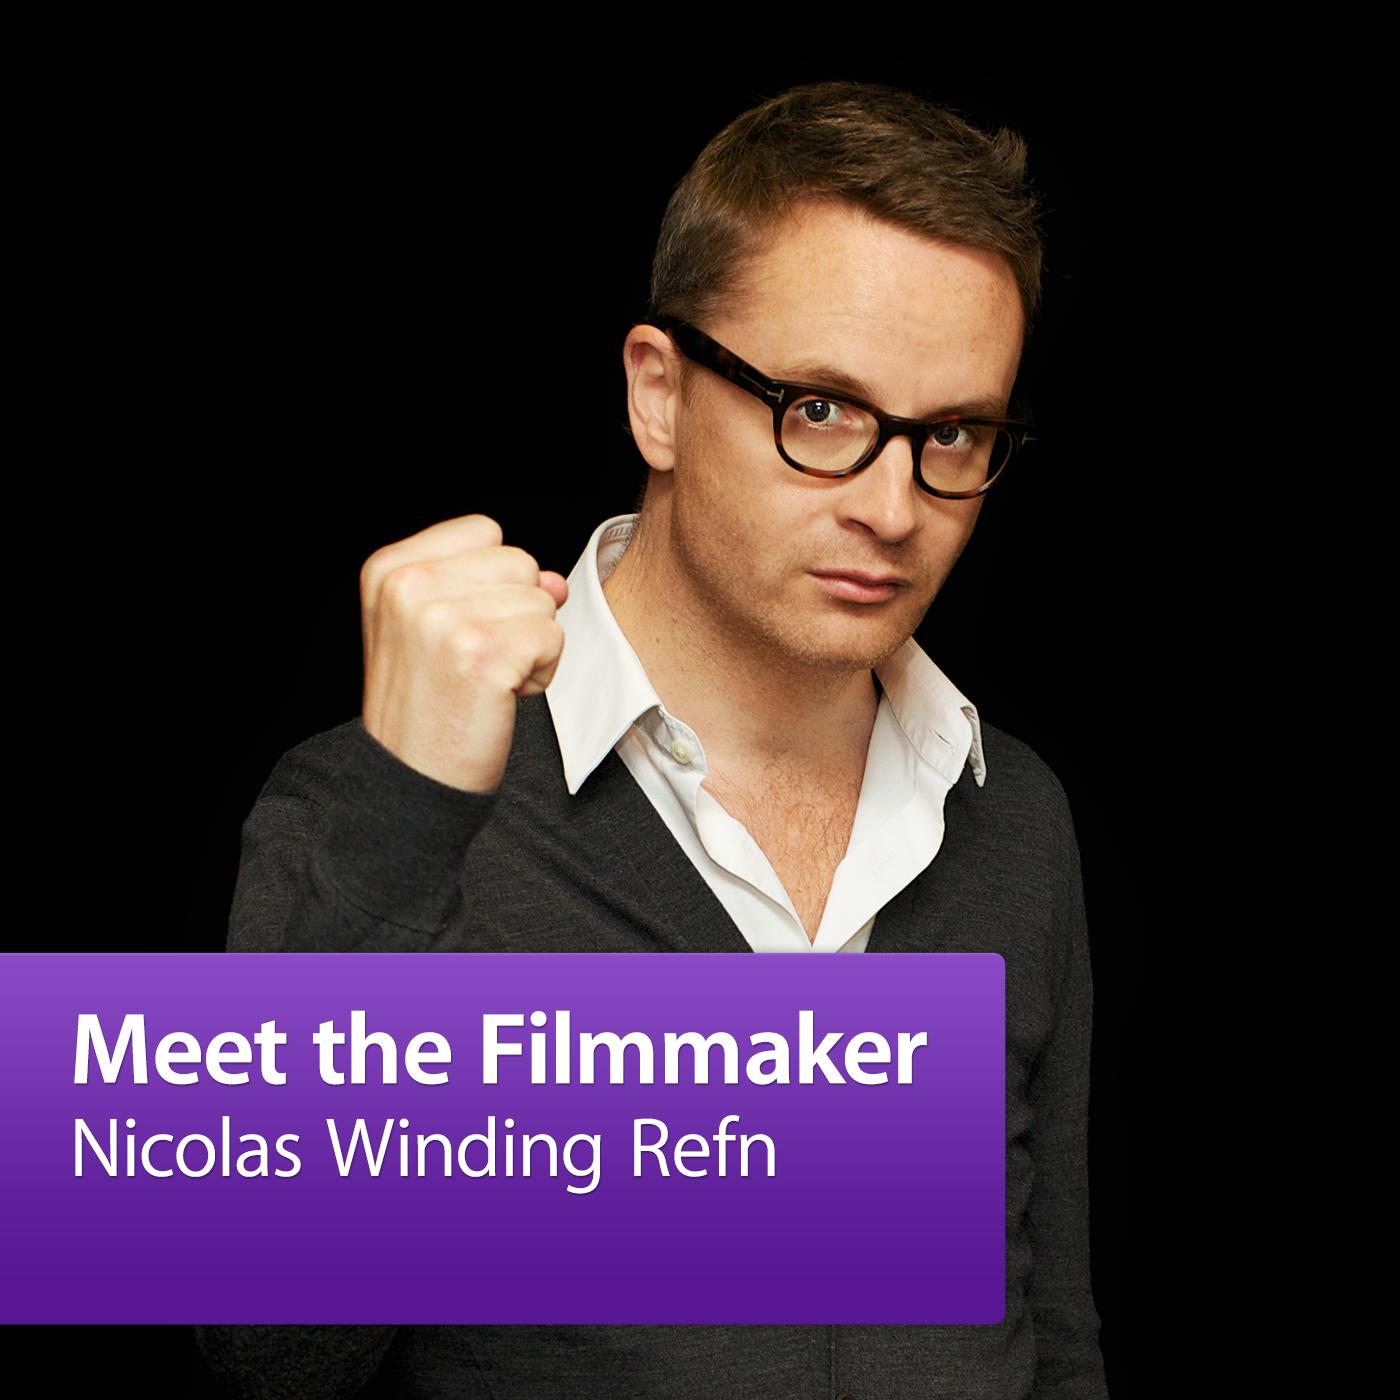 Nicolas Winding Refn: Meet the Filmmaker